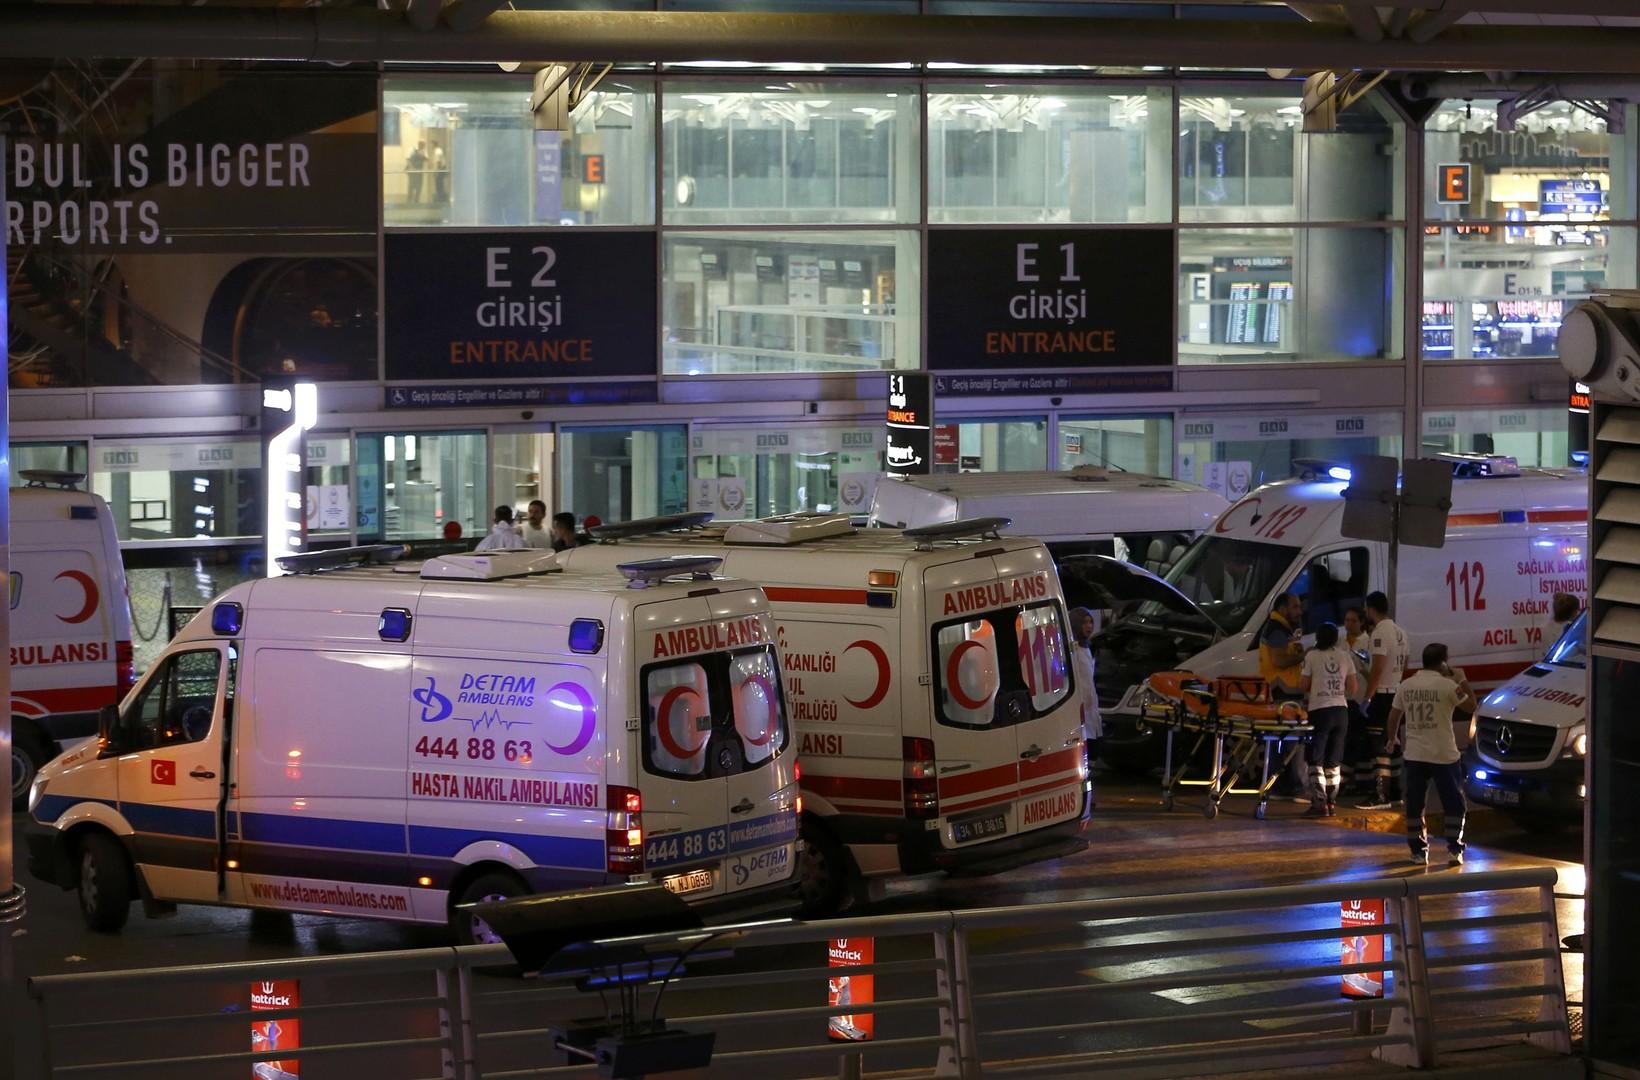 В результате взрывов в стамбульском аэропорту погибли 10 человек